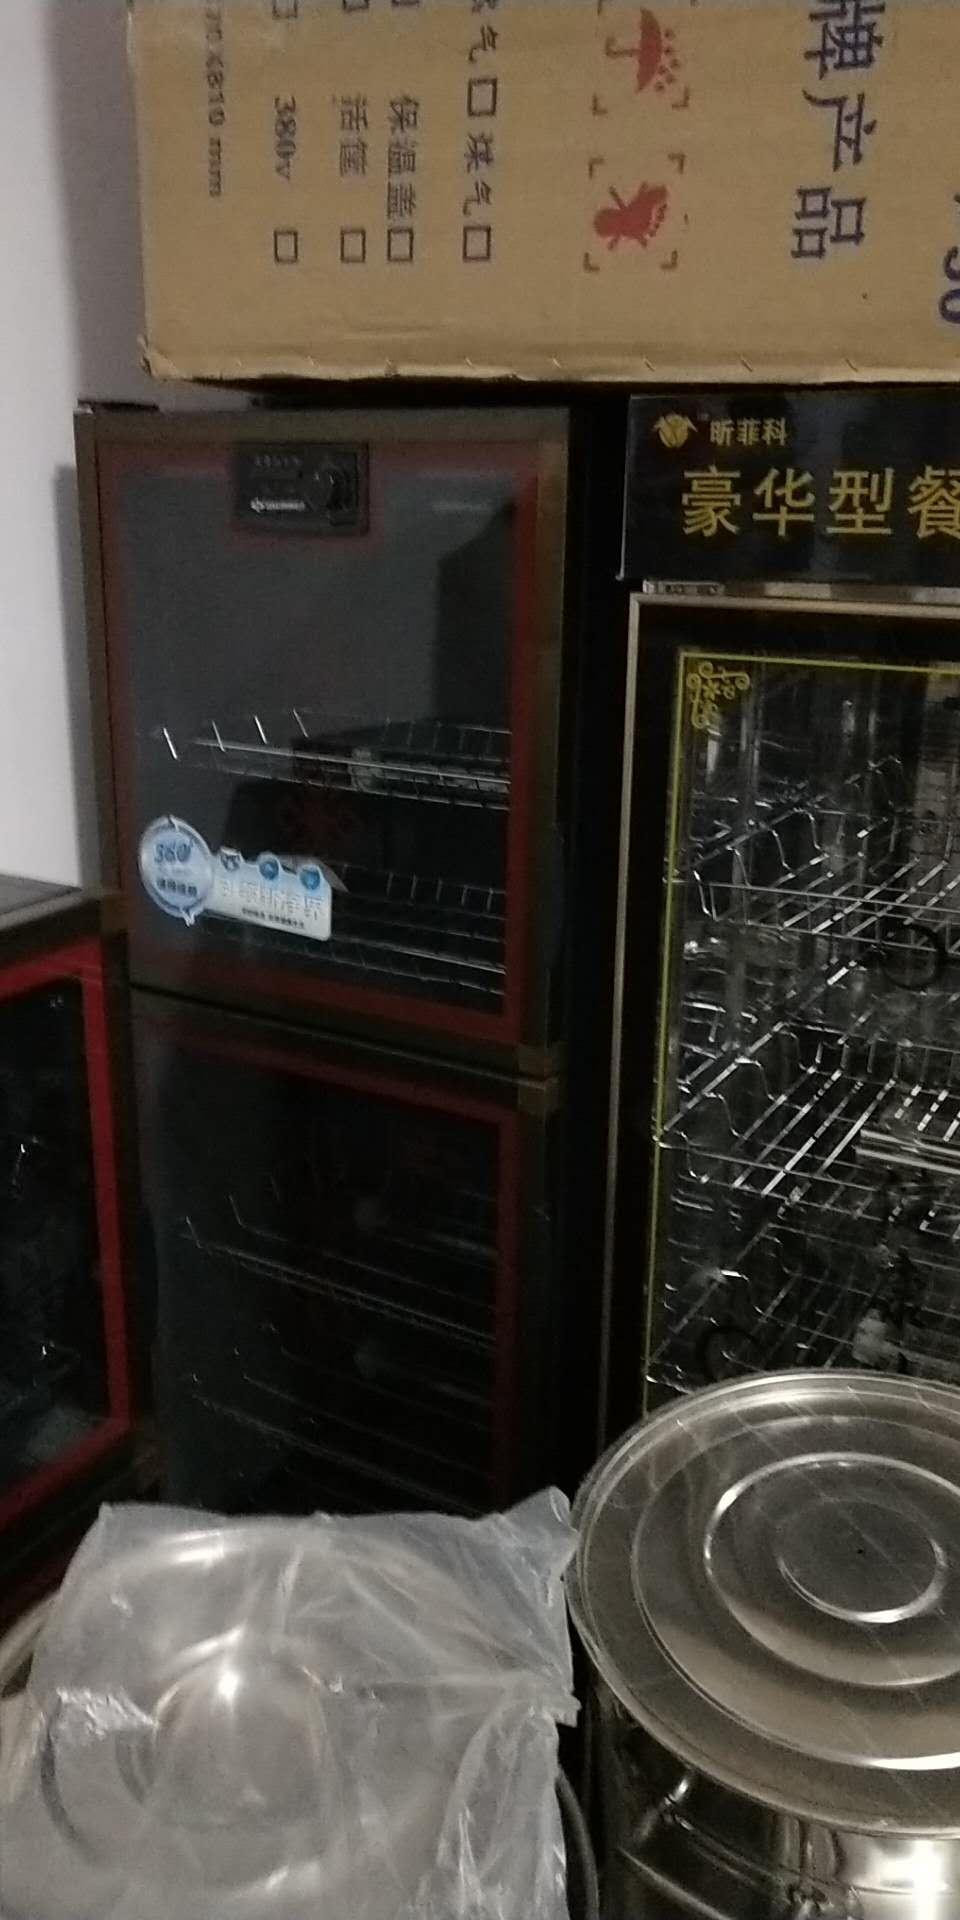 厨具之一的消毒柜